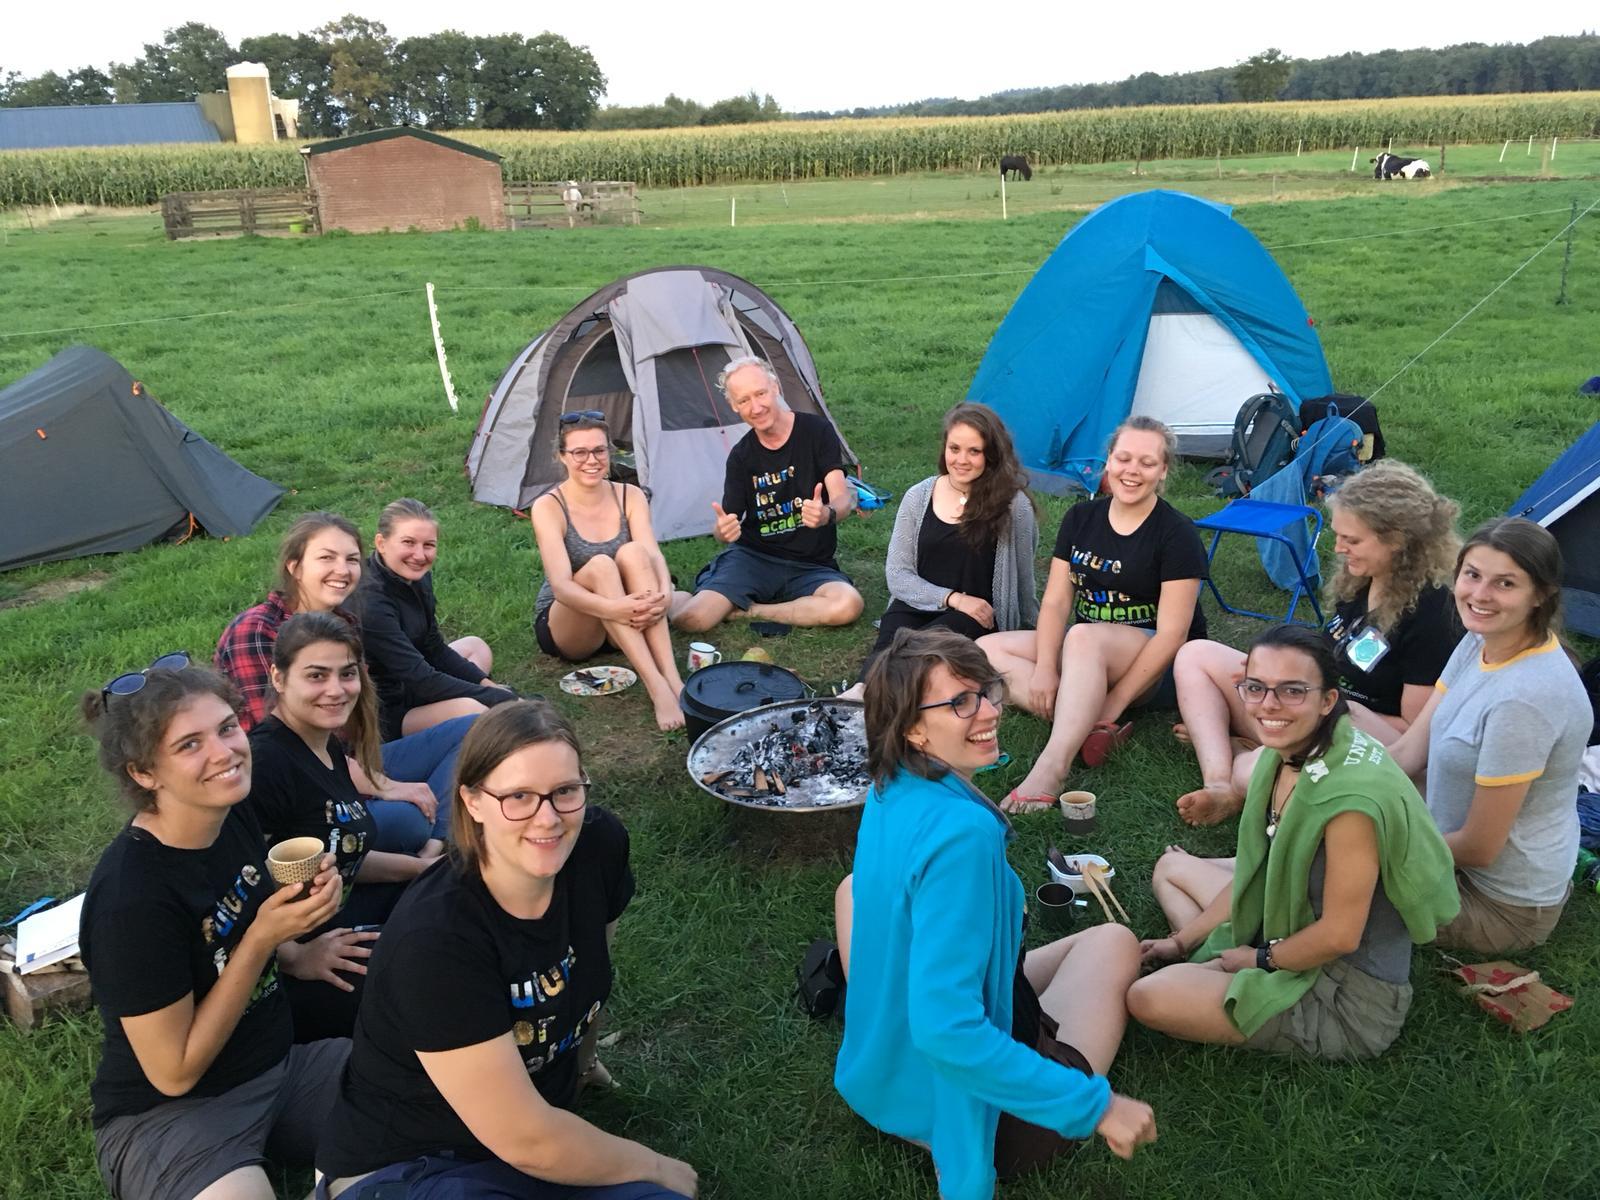 22 Camp Gina